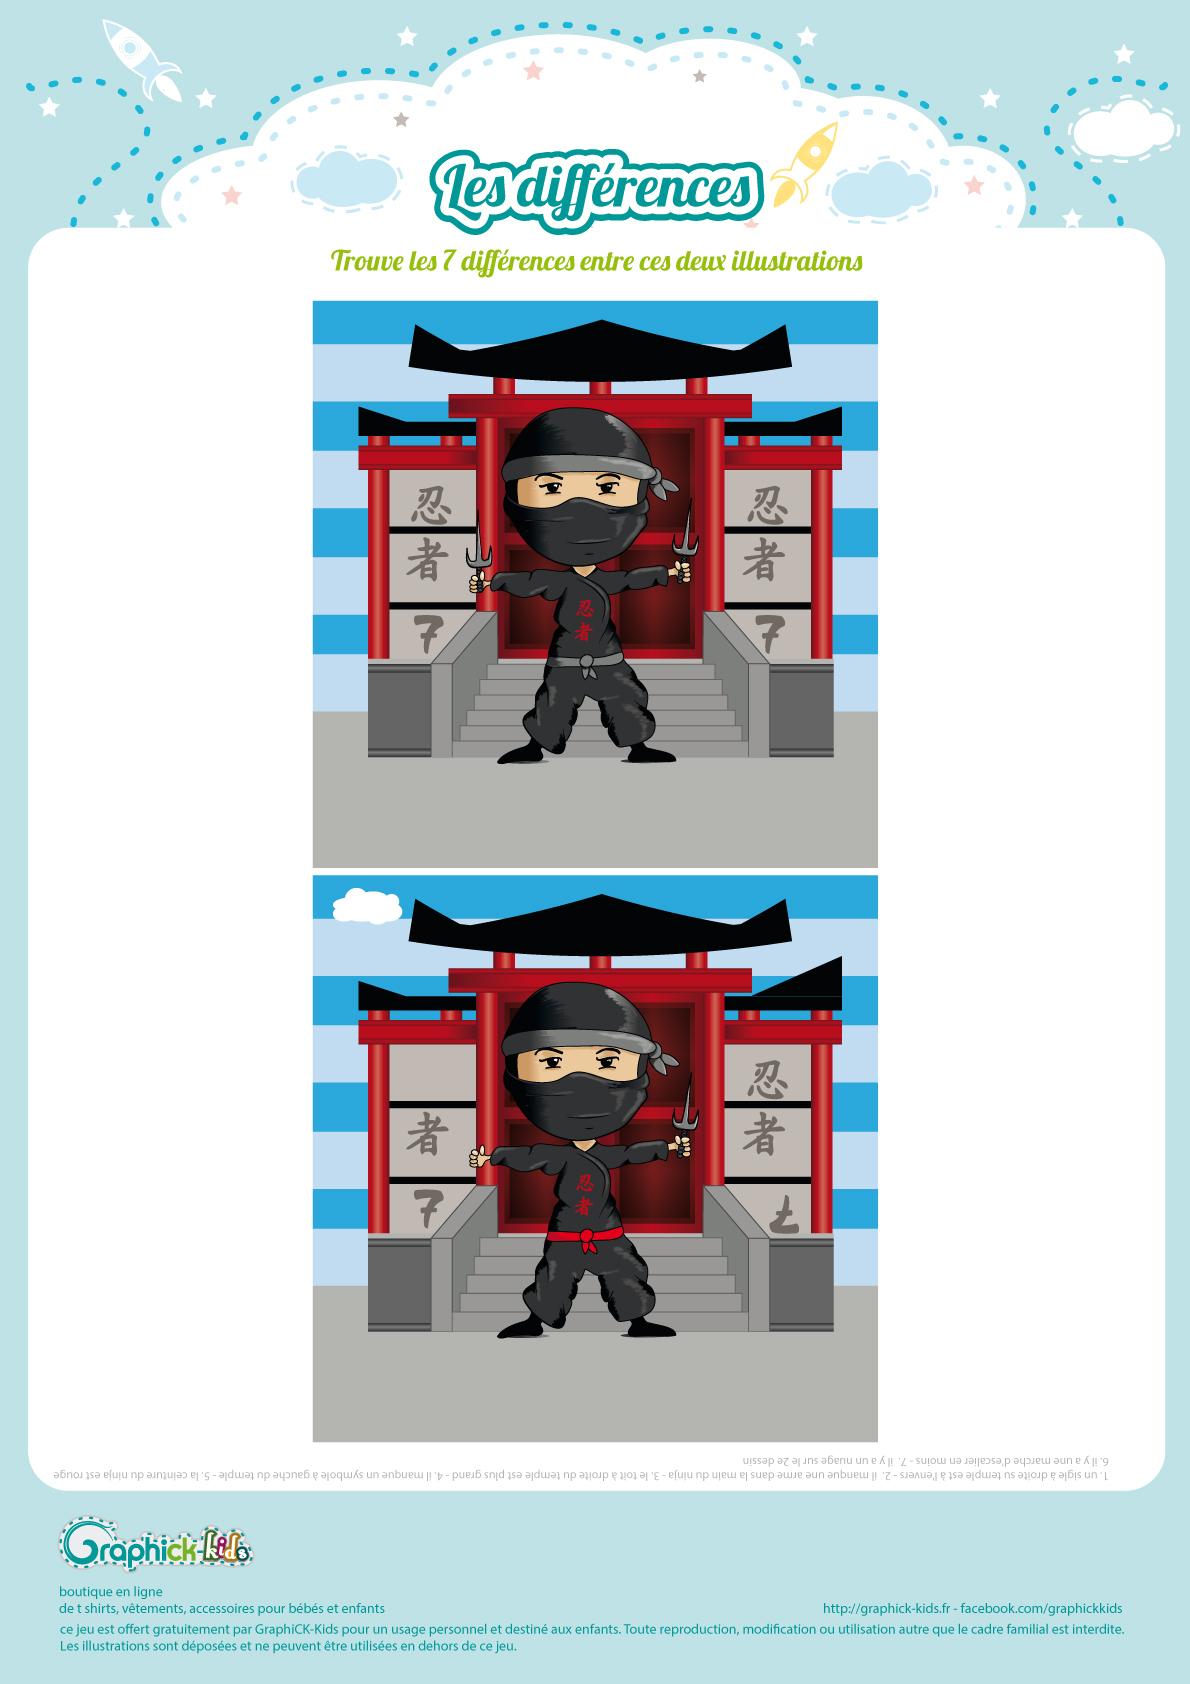 L'activité Du Mercredi : Les Différences Du Ninja - Graphick à Jeux Des Différences Gratuit En Ligne